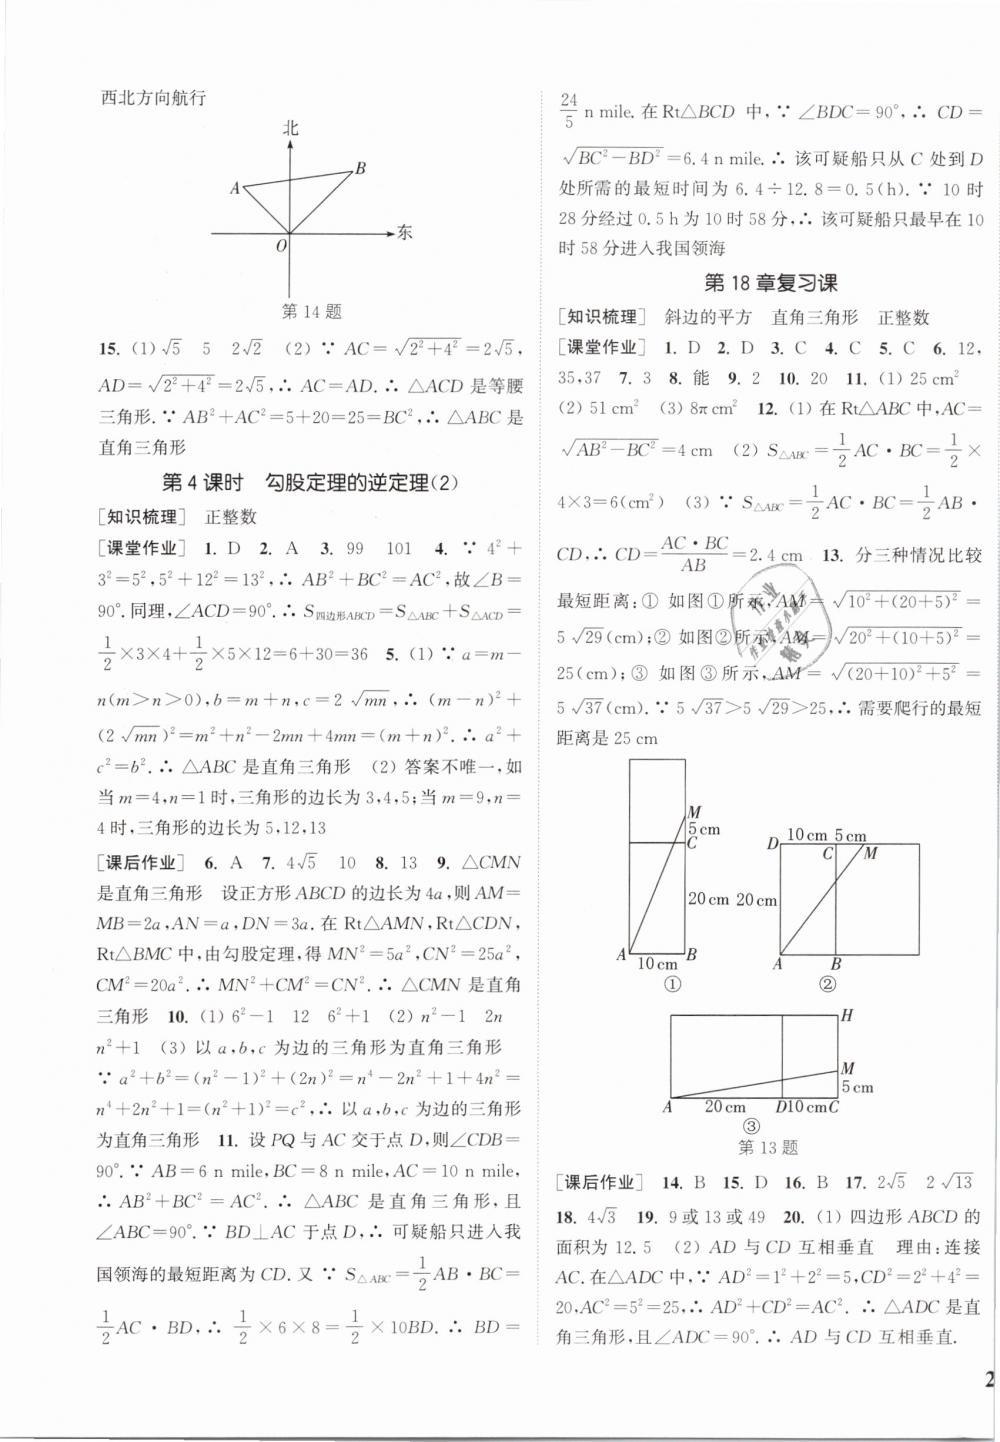 2019年通城学典课时作业本八年级数学下册沪科版第9页